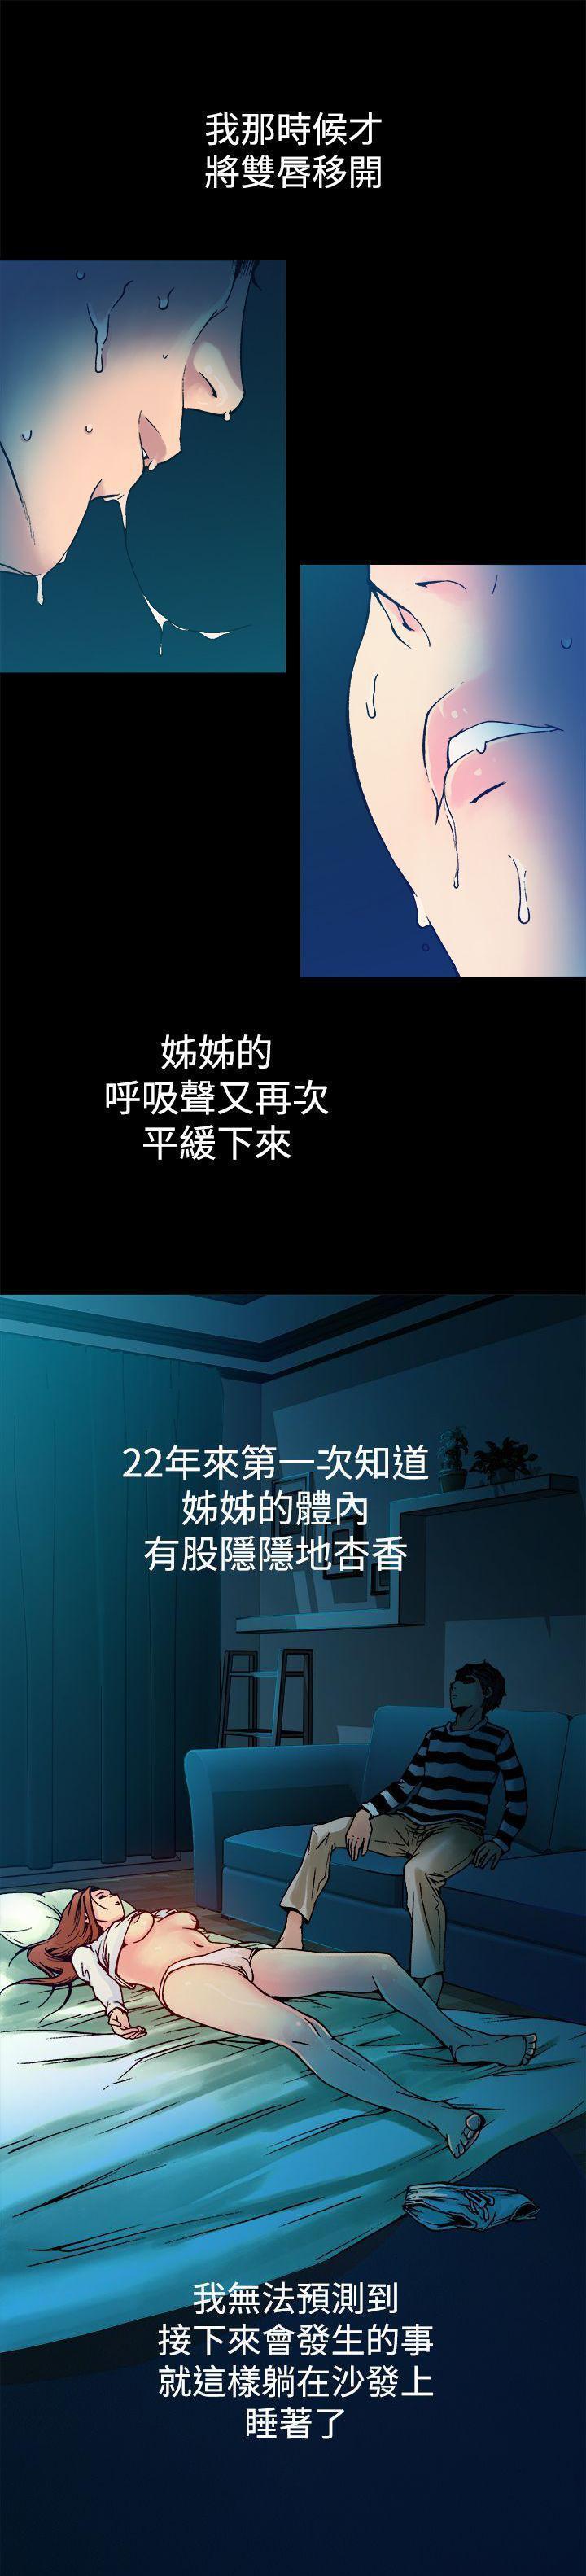 曖昧 1-25 27